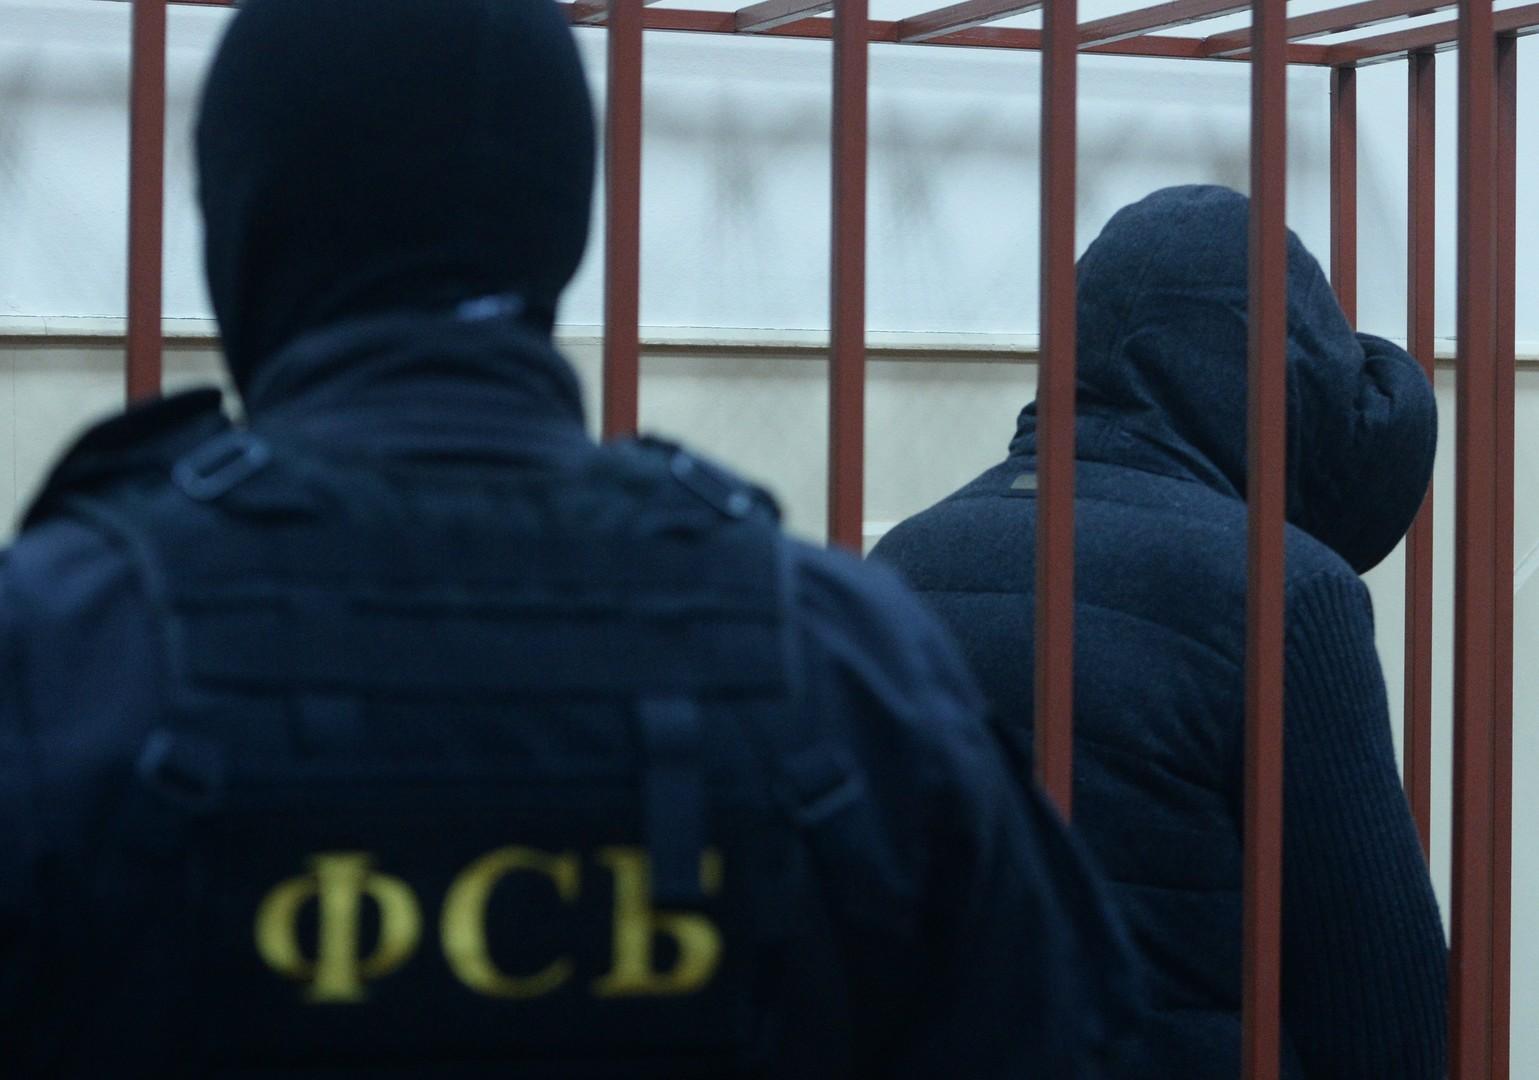 ФСБ: Боевики готовили теракты в Московском регионе на майские праздники